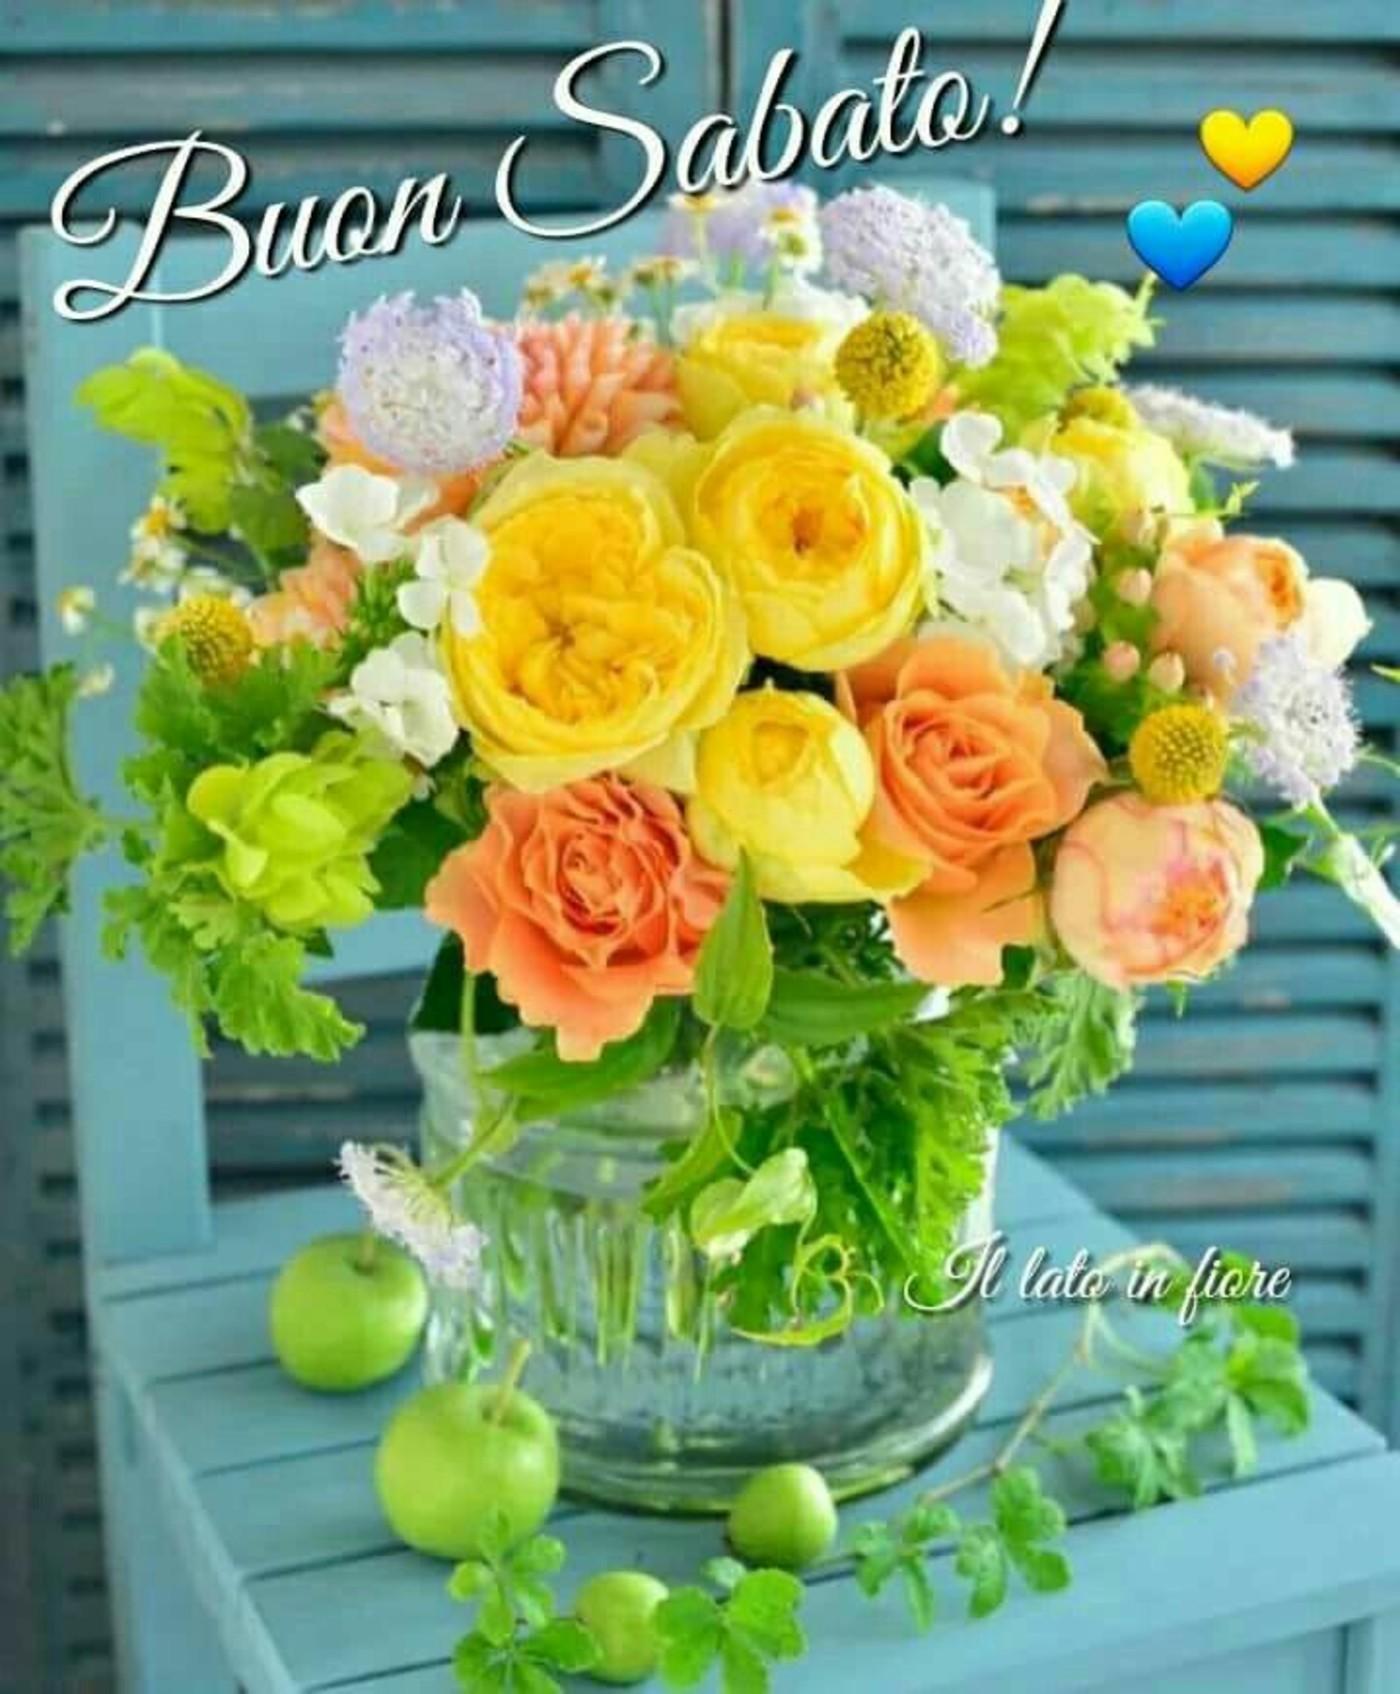 Buongiorno e Buon Sabato WhatsApp gratis da condividere 94